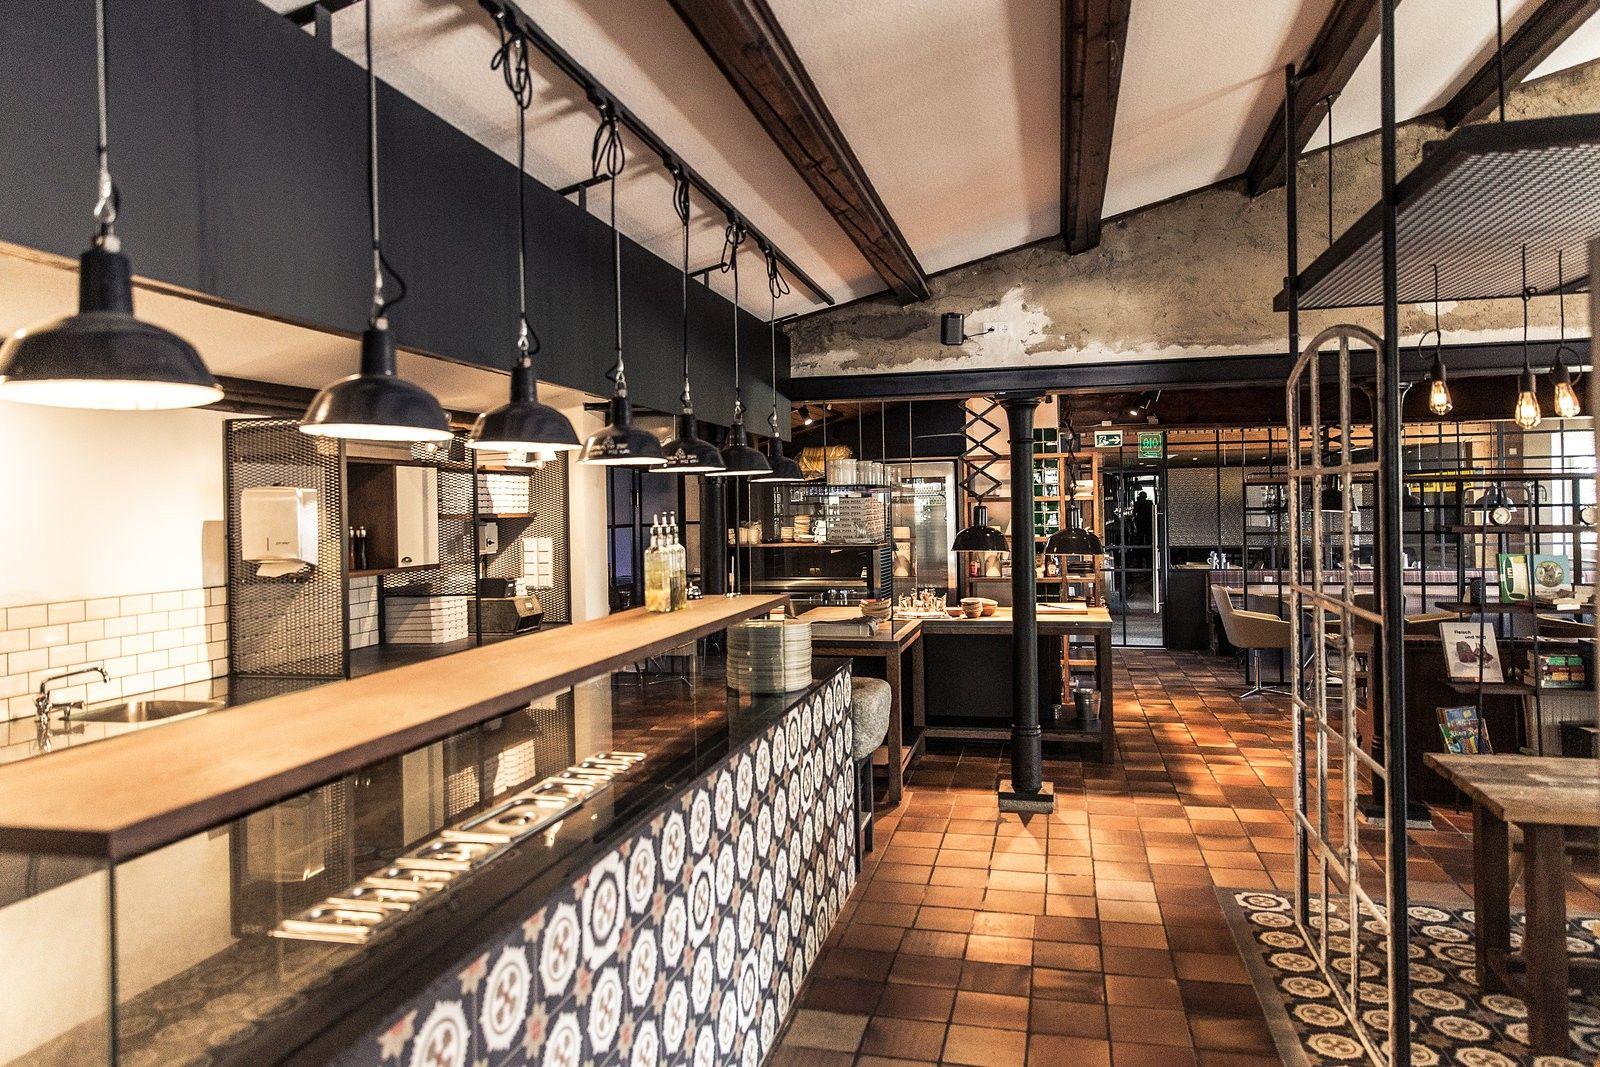 Innenarchitektur Gastronomie   Restaurant Bar Design ...